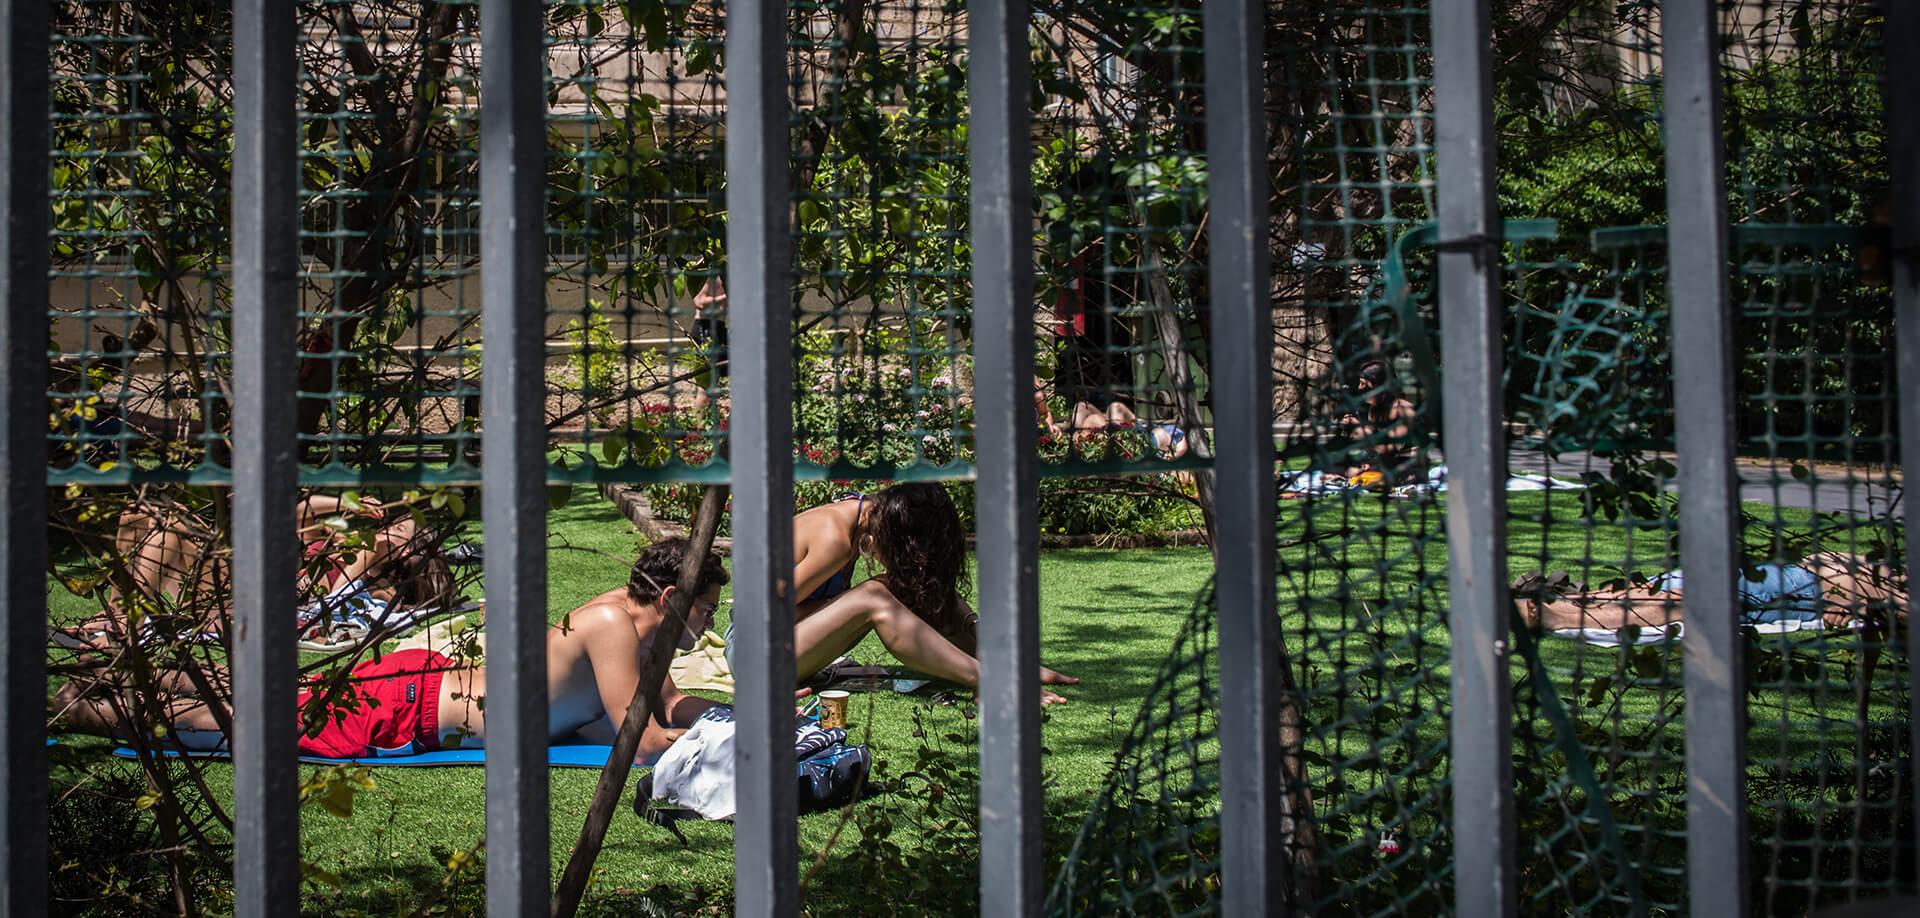 משתזפים בגינה בתל אביב. כמה אפשר להיות בבית? צילומים: ביאה בר קלוש